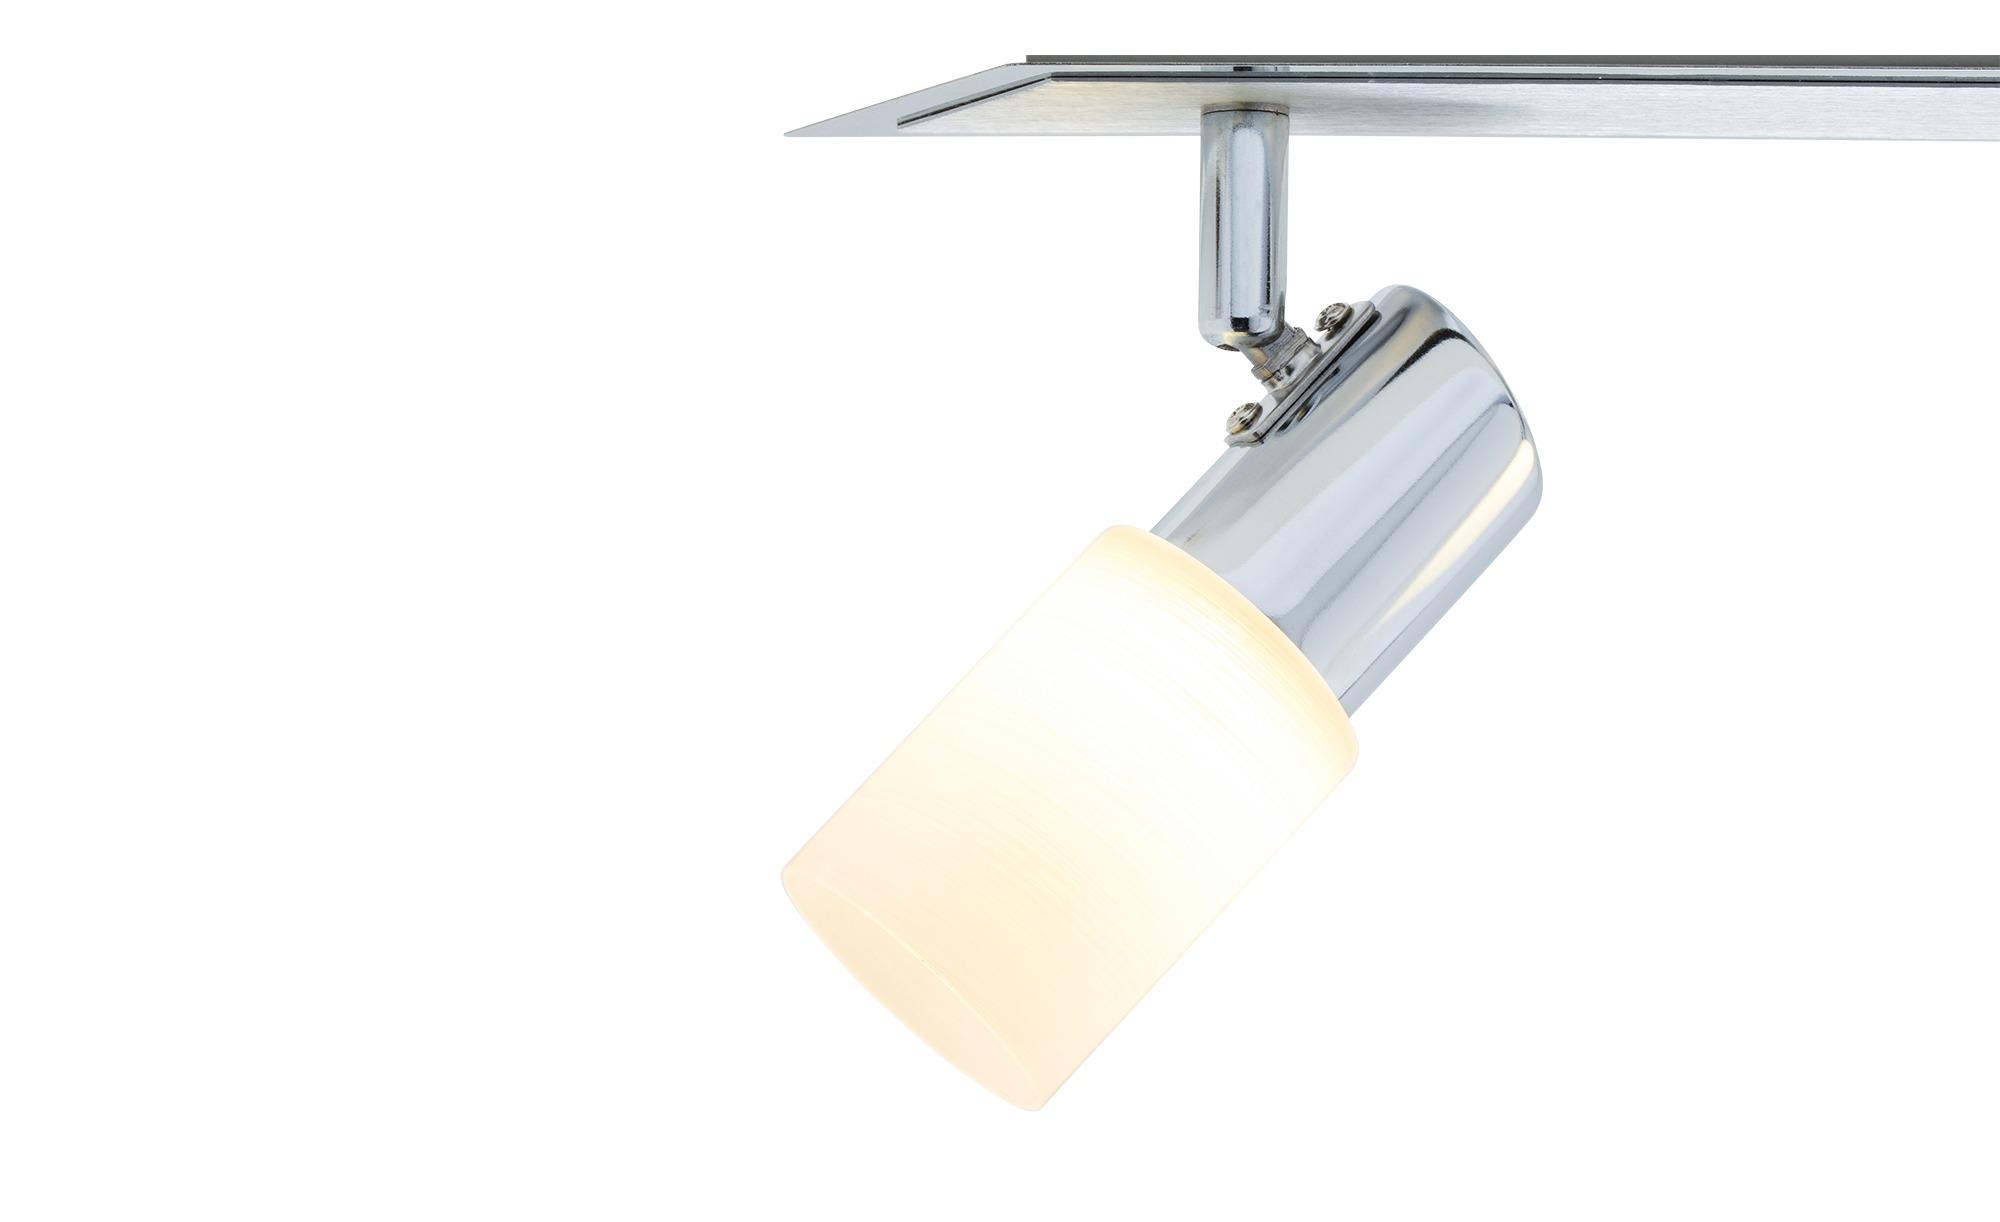 Trio LED-Deckenstrahler Aluminium 3-flammig ¦ silber Lampen & Leuchten > LED-Leuchten > LED-Strahler & Spots - Höffner